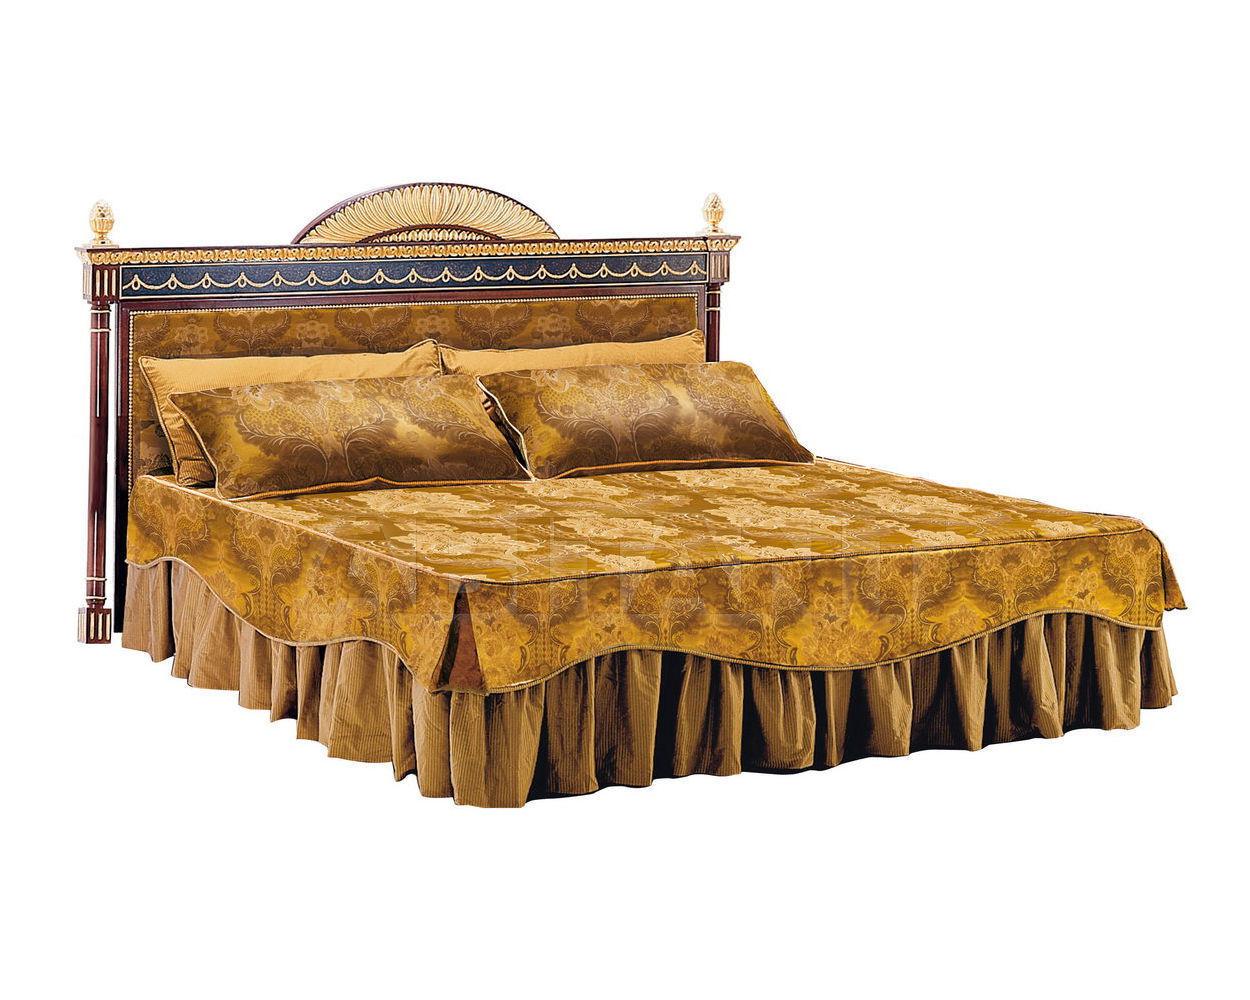 Купить Кровать Colombostile s.p.a. 2010 0081 LM